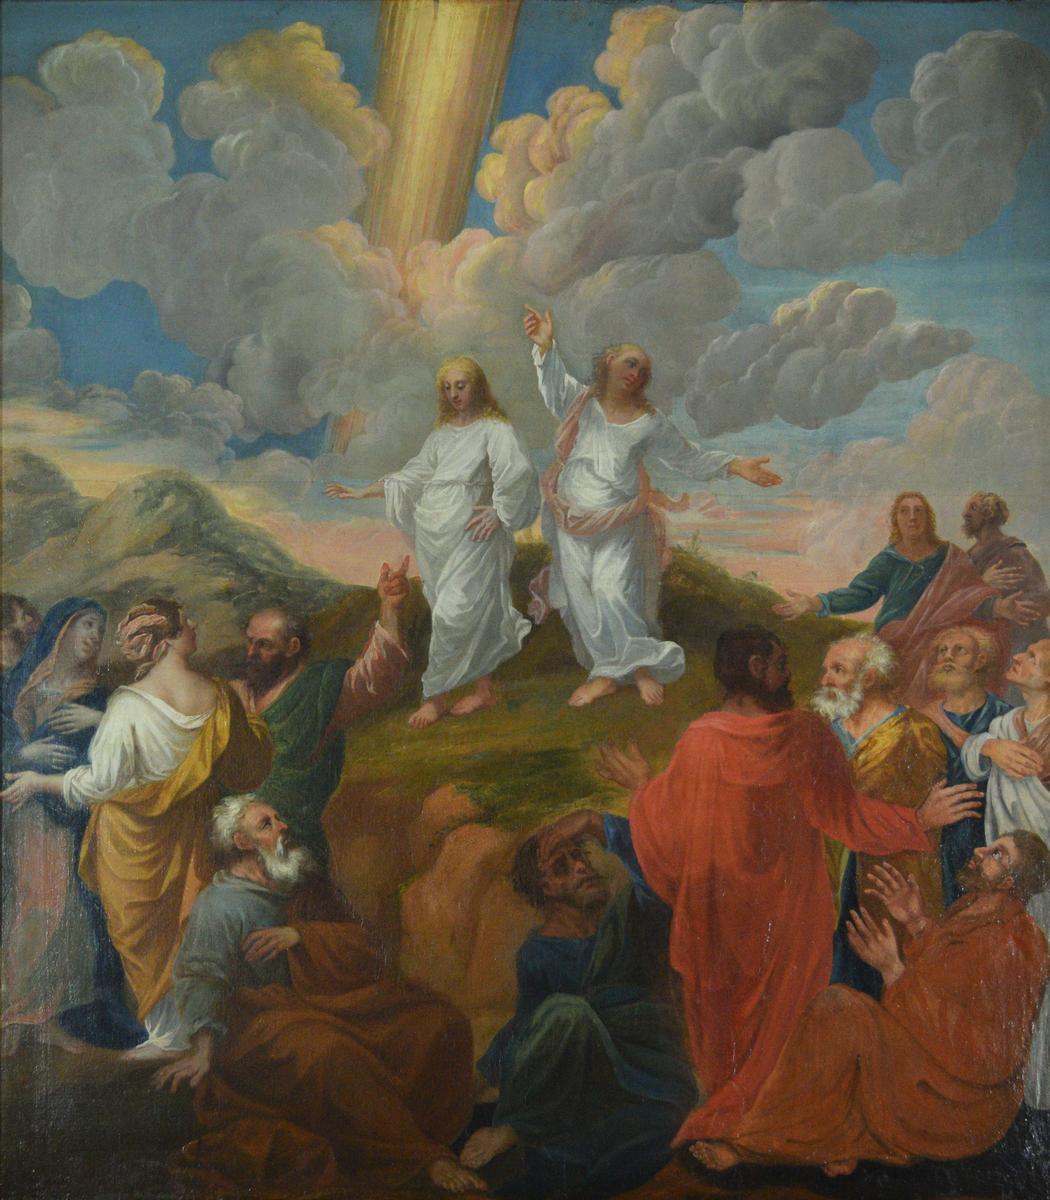 To hvitkledte menn på en liten haug. Mennesker nedenfor, konsentrert til høyre og til venstre. Lyn eller lignende på himmelen. Antagelig beskåret til høyre og til venstre.